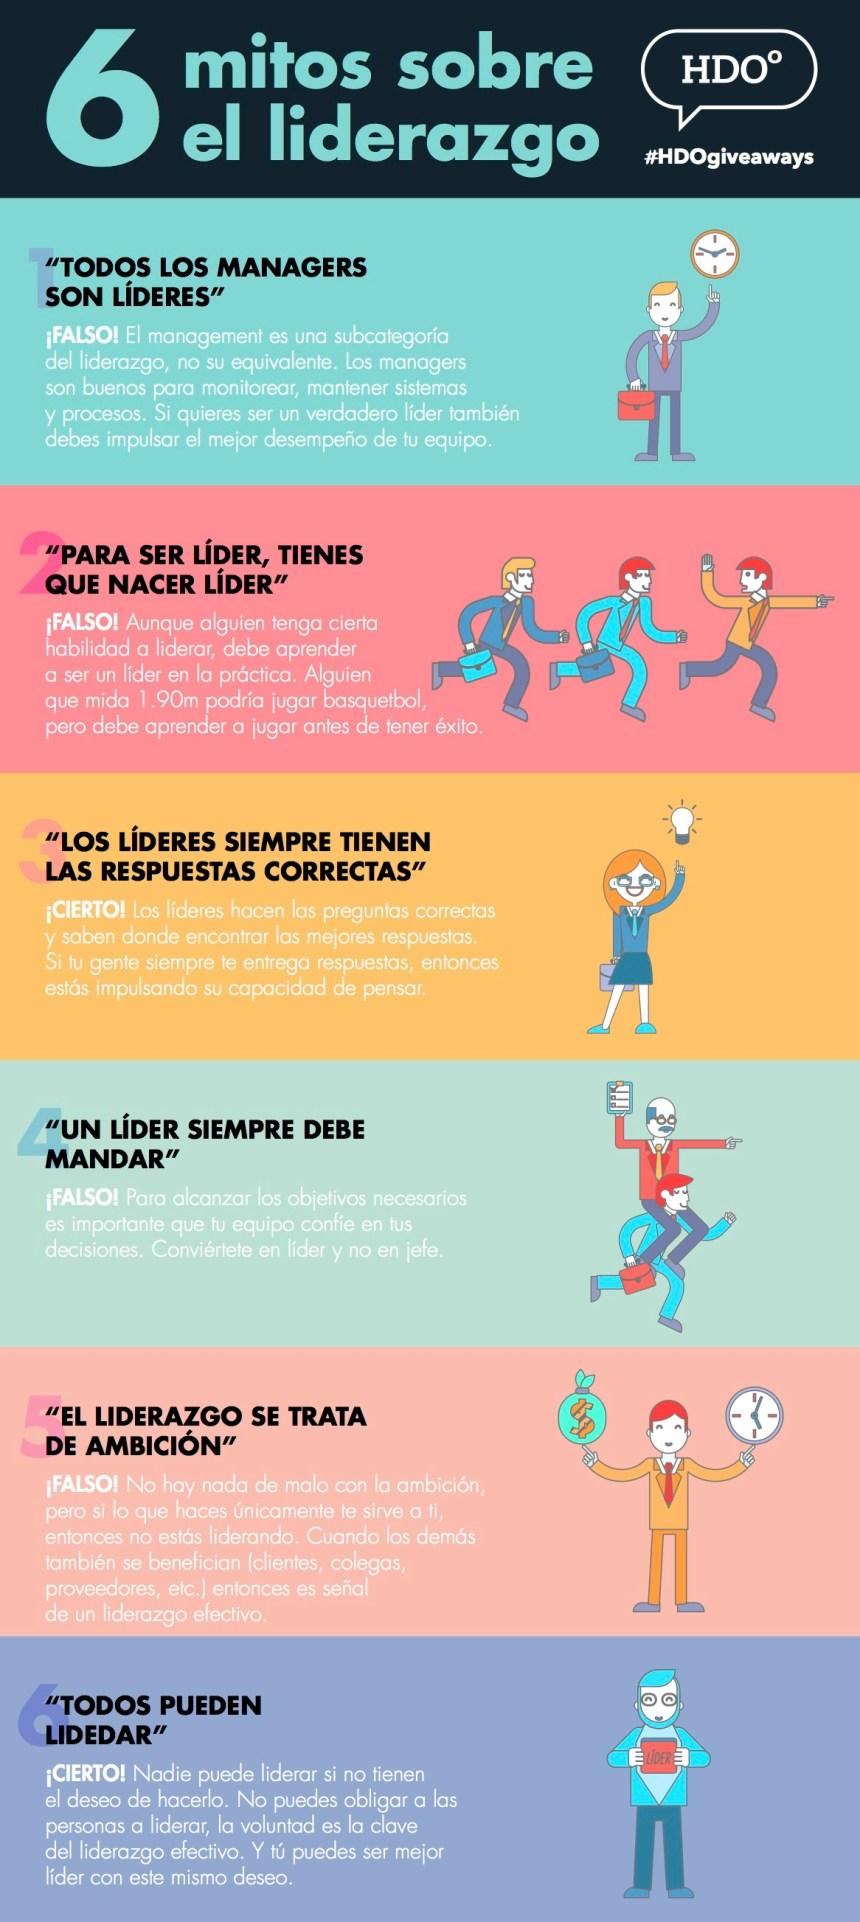 6 mitos sobre el Liderazgo